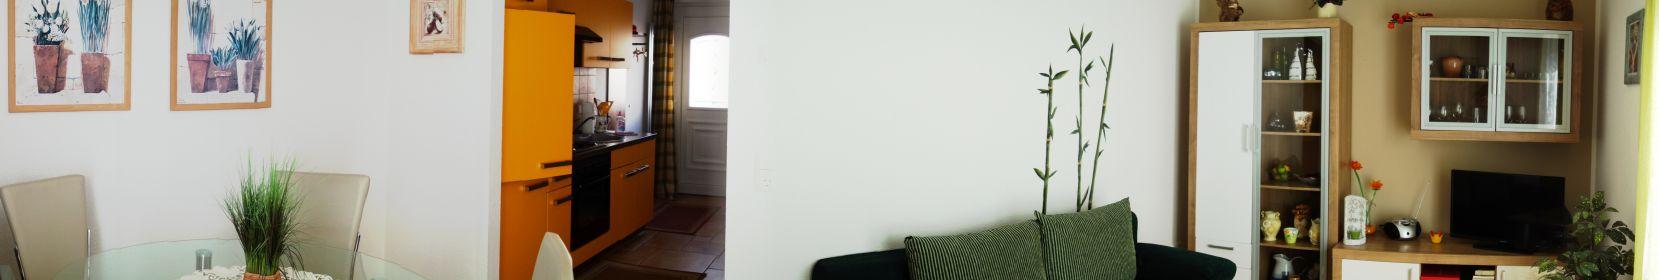 ferienwohnung-eikkater-14-panorama-1